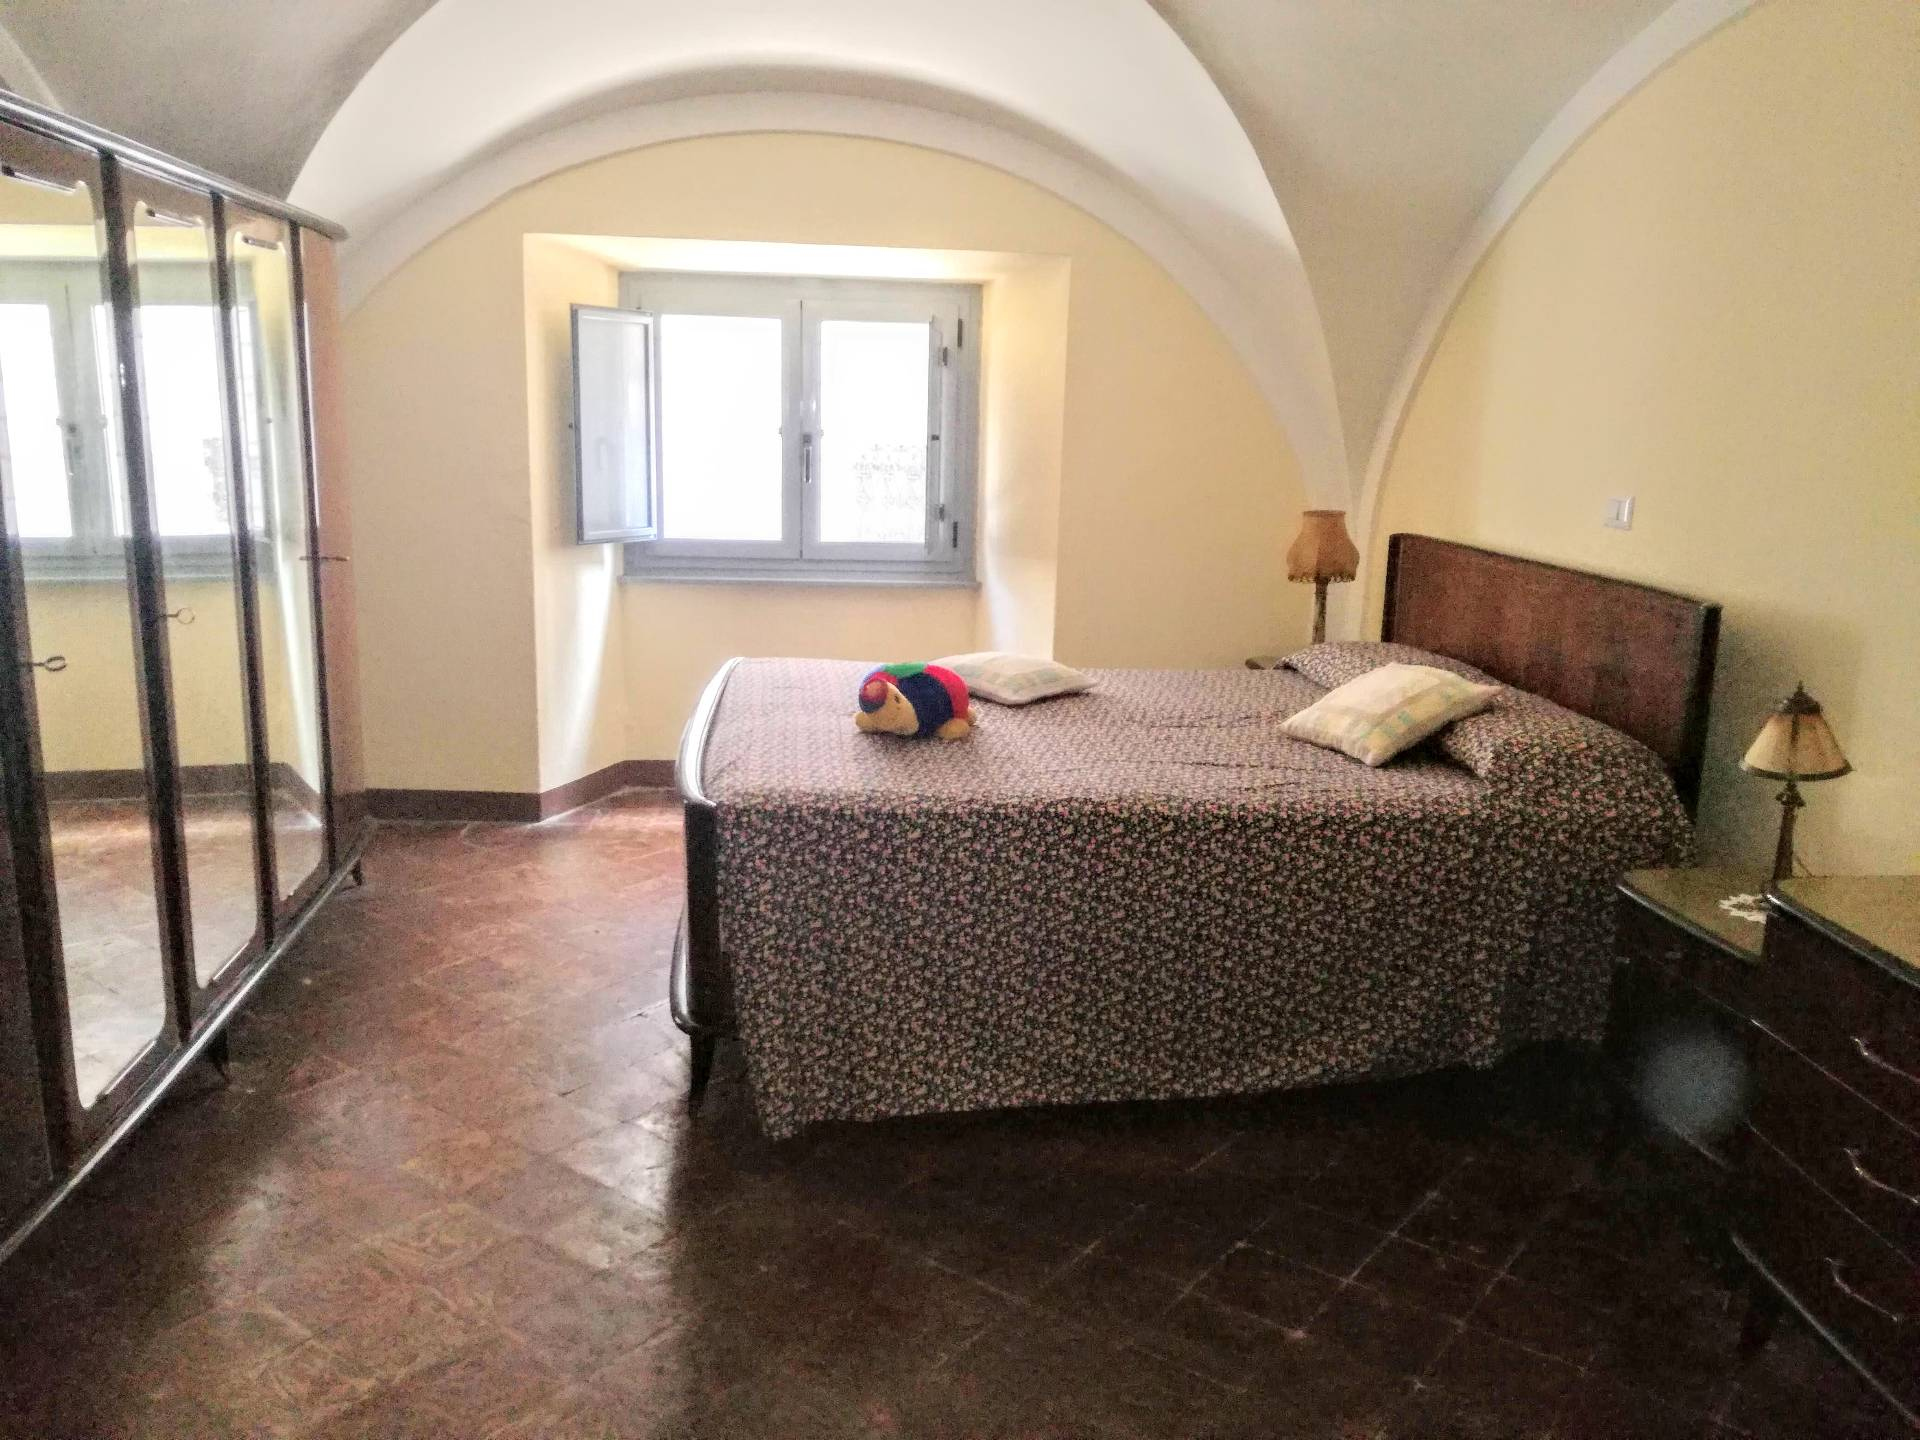 Appartamento in affitto a Casale Monferrato, 3 locali, prezzo € 370 | CambioCasa.it